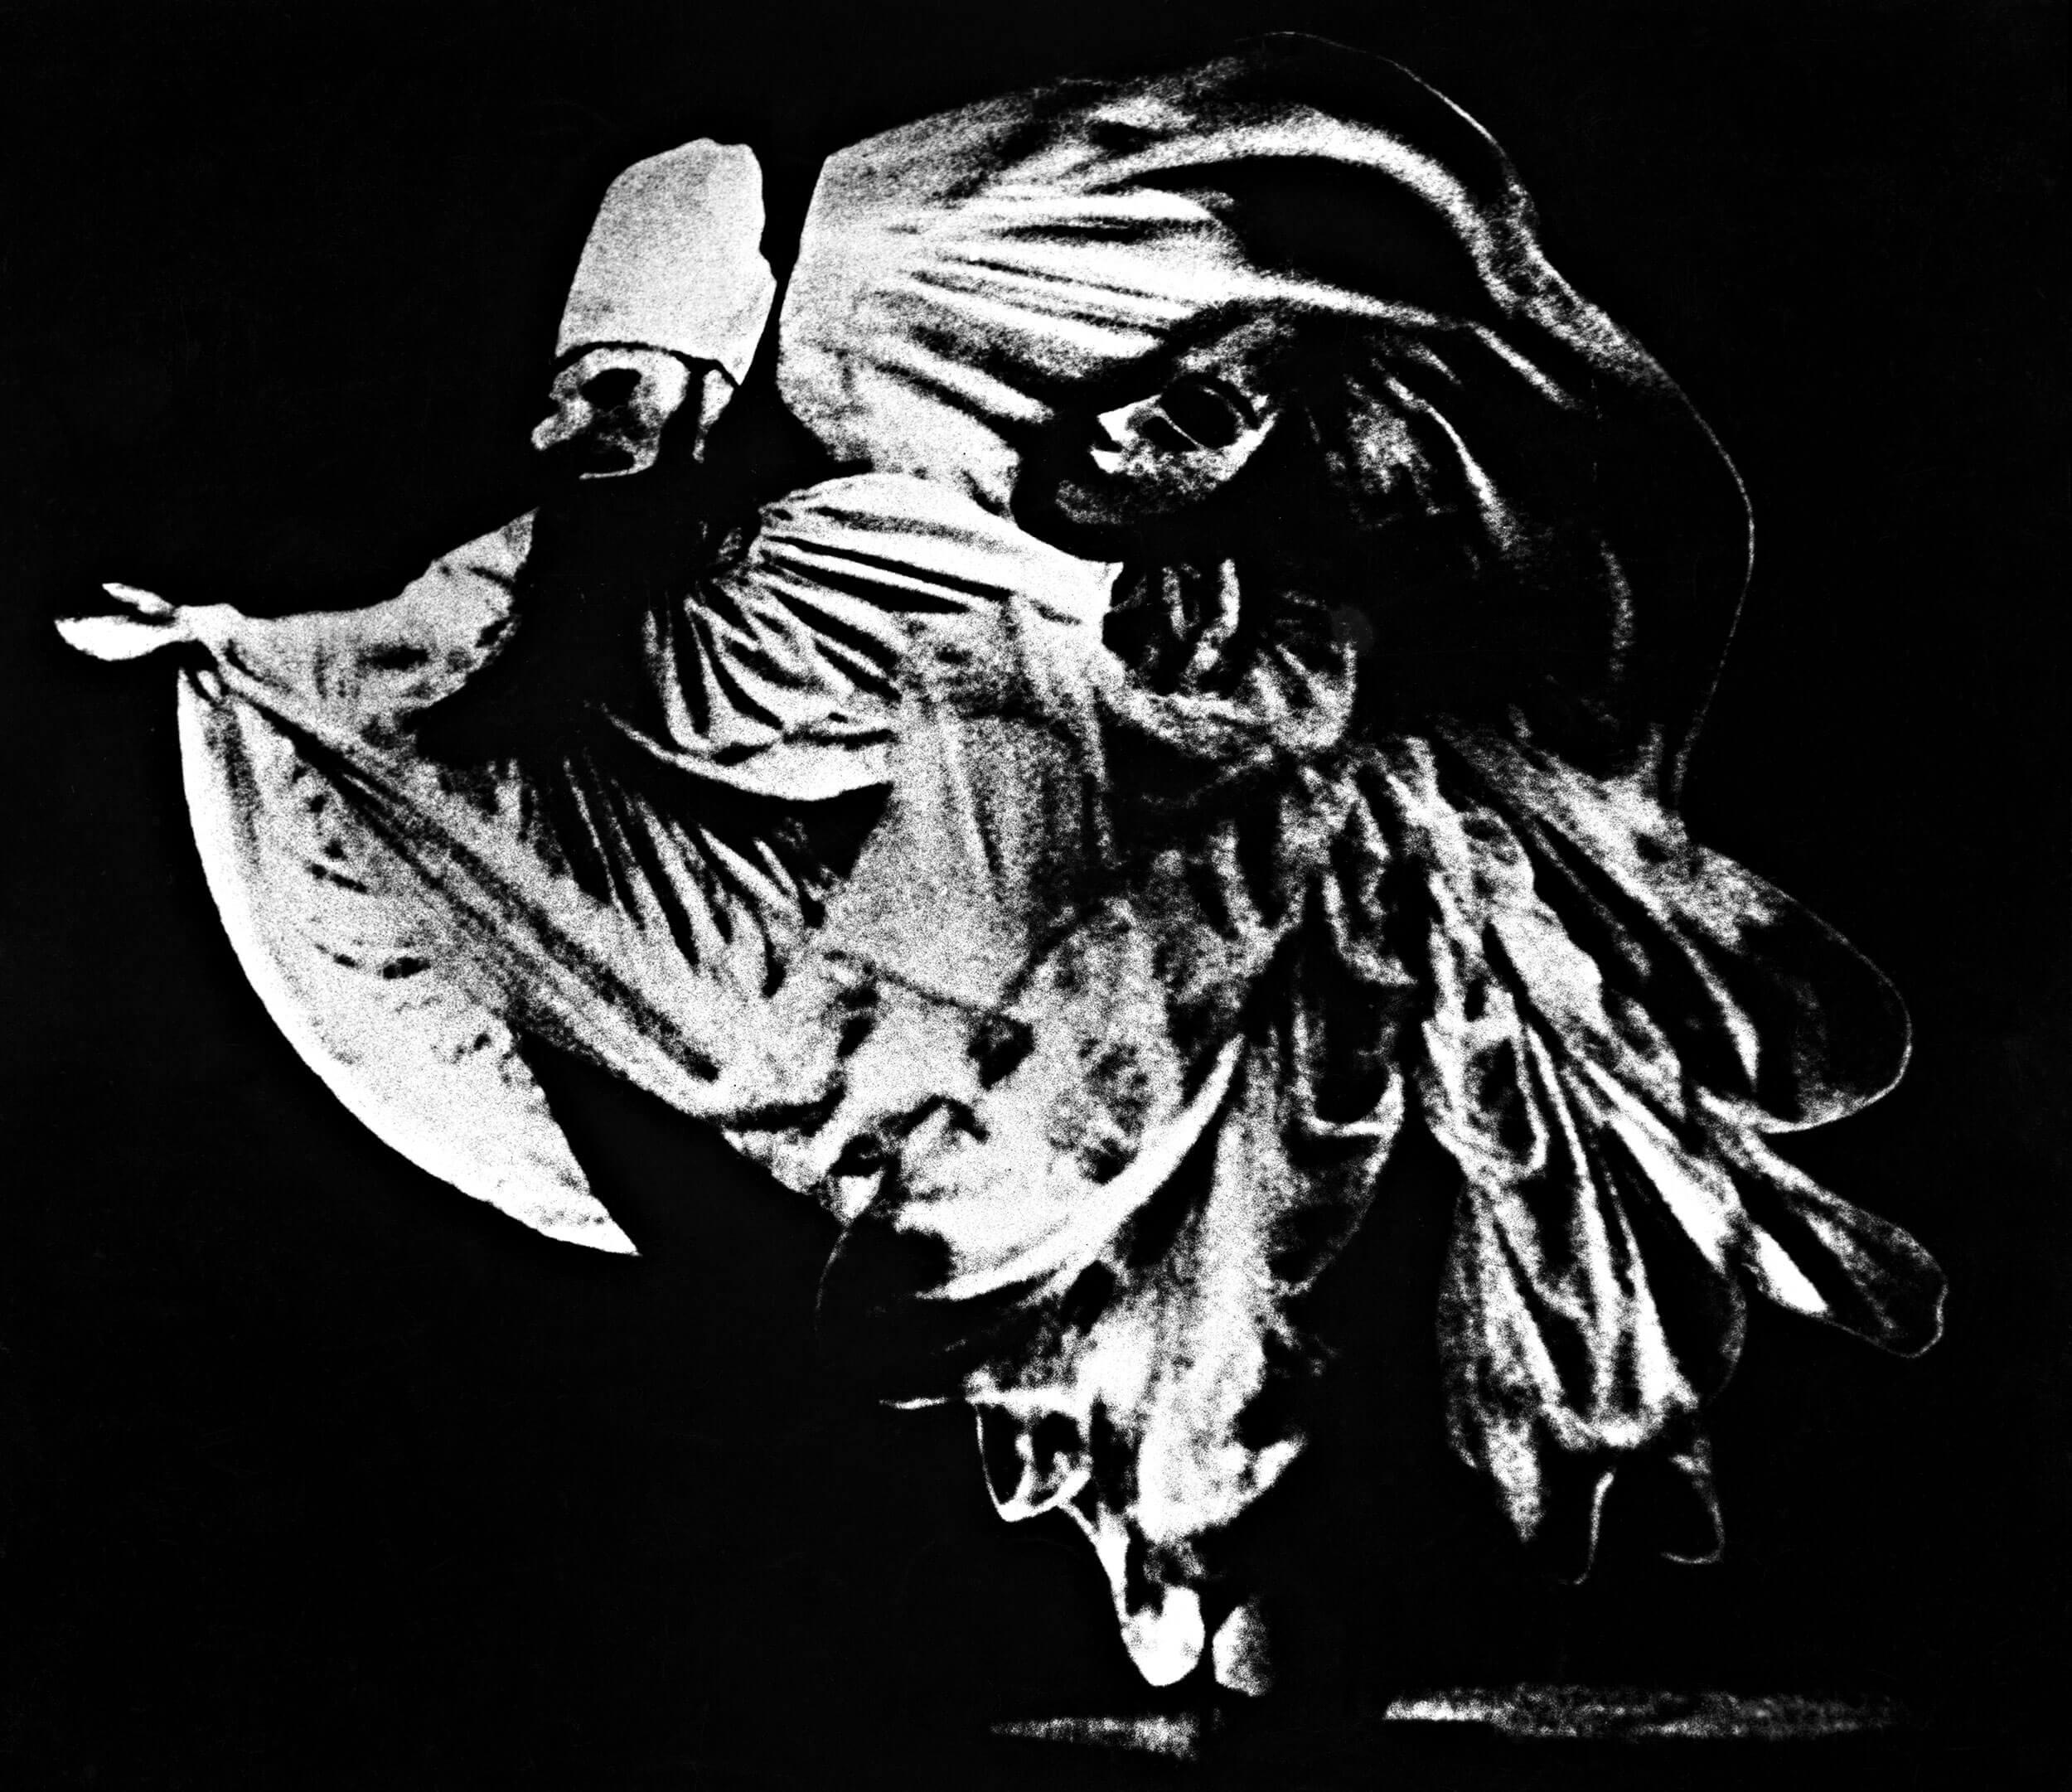 Koudelka-Theatre-delpire-co-4w